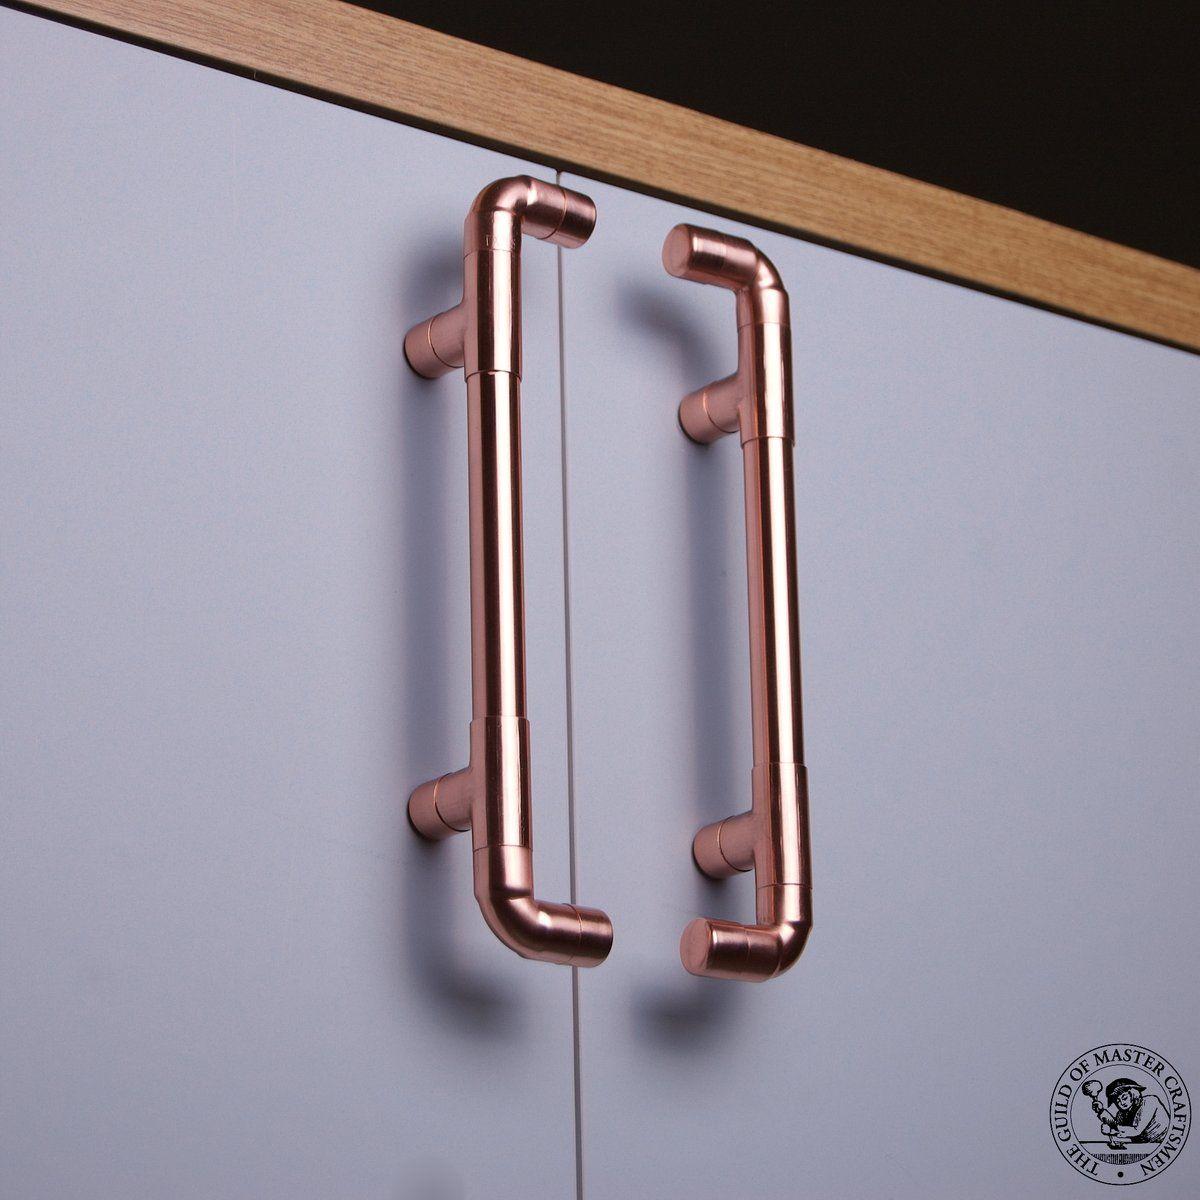 Copper Cupboard Door Handles In 2020 Door Handles Copper Handles Kitchen Door Handles